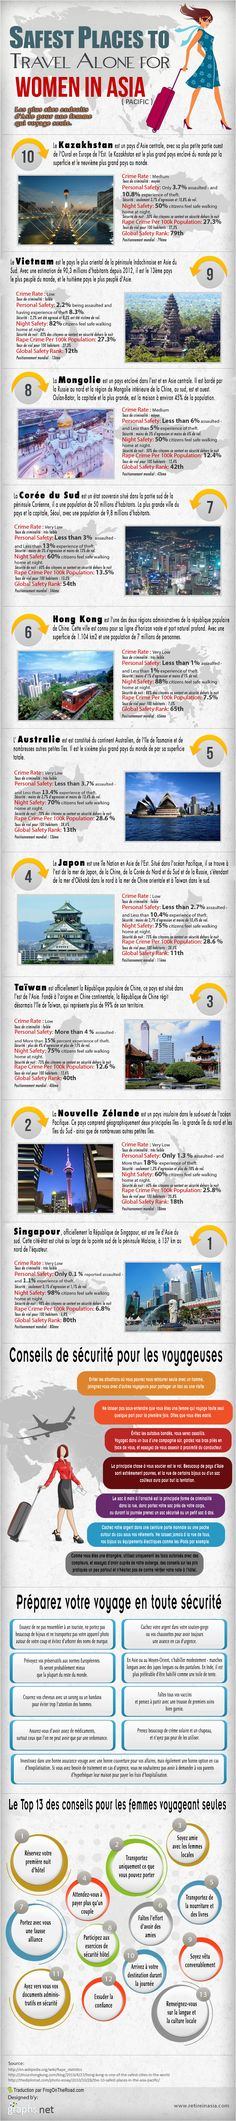 FEMMES QUI VOYAGENT SEULES - HUMOUR & CONSEILS, INFOGRAPHIE Les plus sûrs endroits d'Asie pour une femme qui voyage seule. http://www.jetradar.fr/flights/Japan-JP/?marker=126022.pinbot